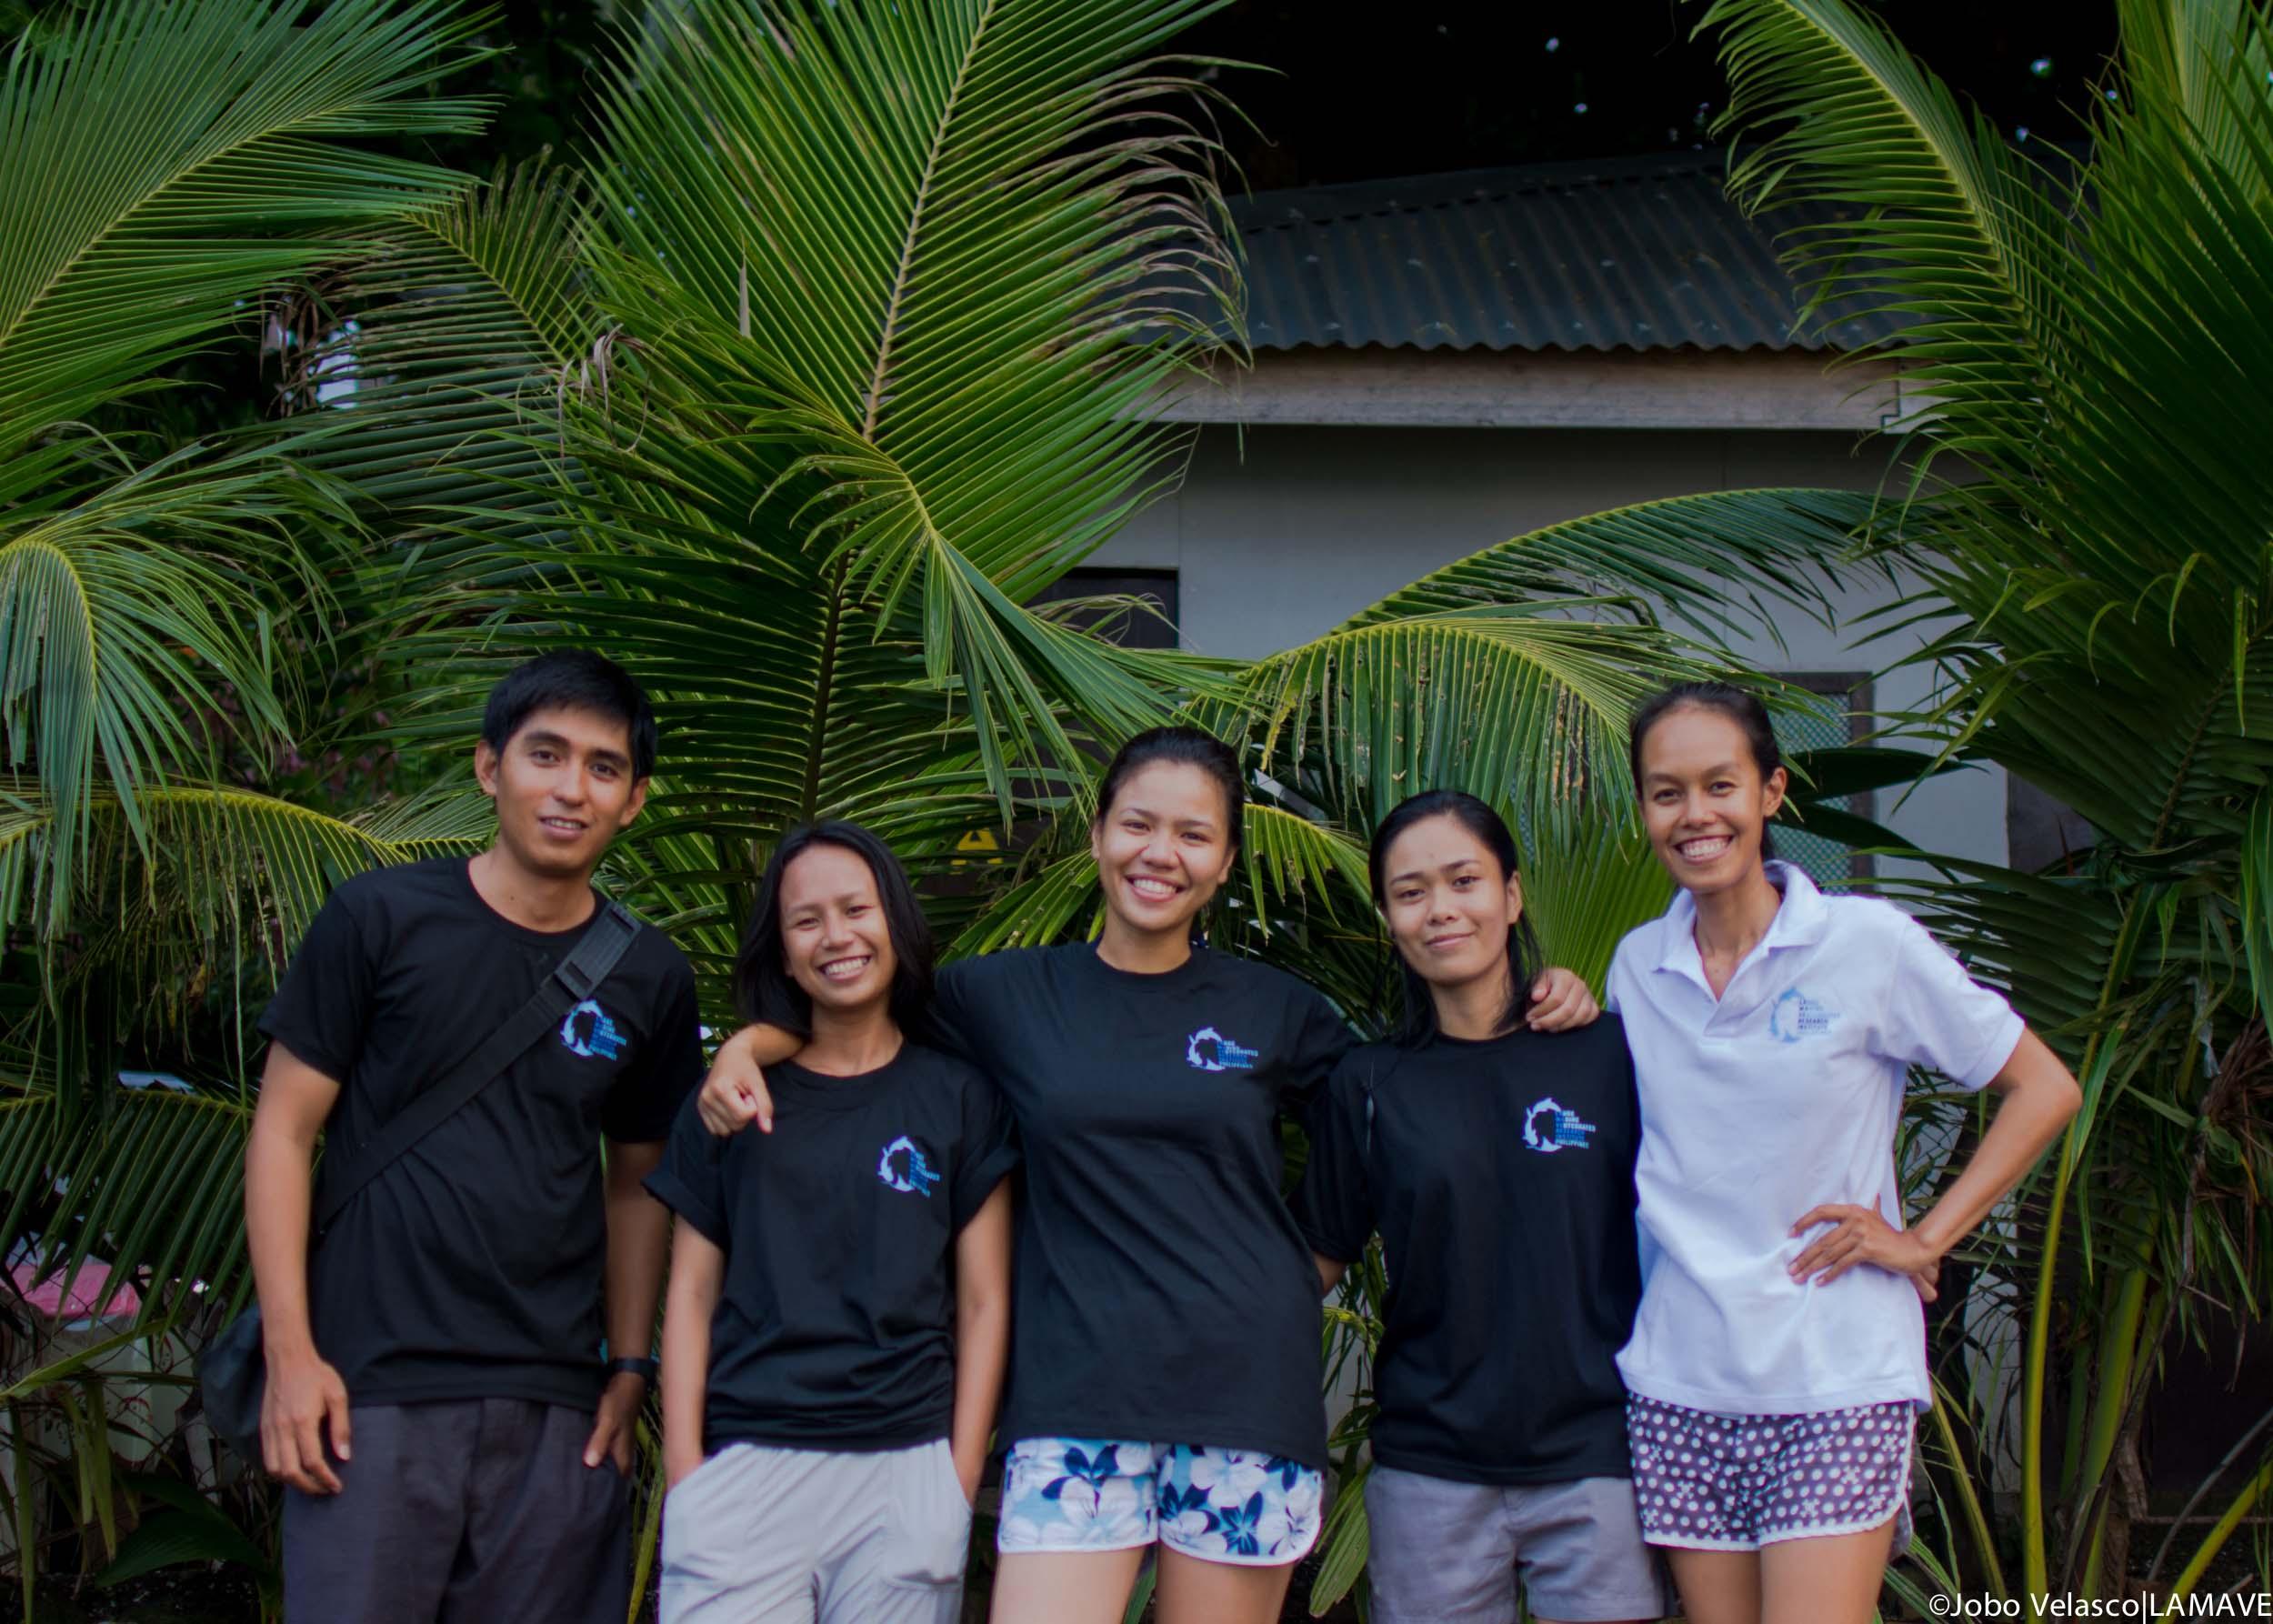 mindanao-whale-shark-lamave-volunteer-team.jpg